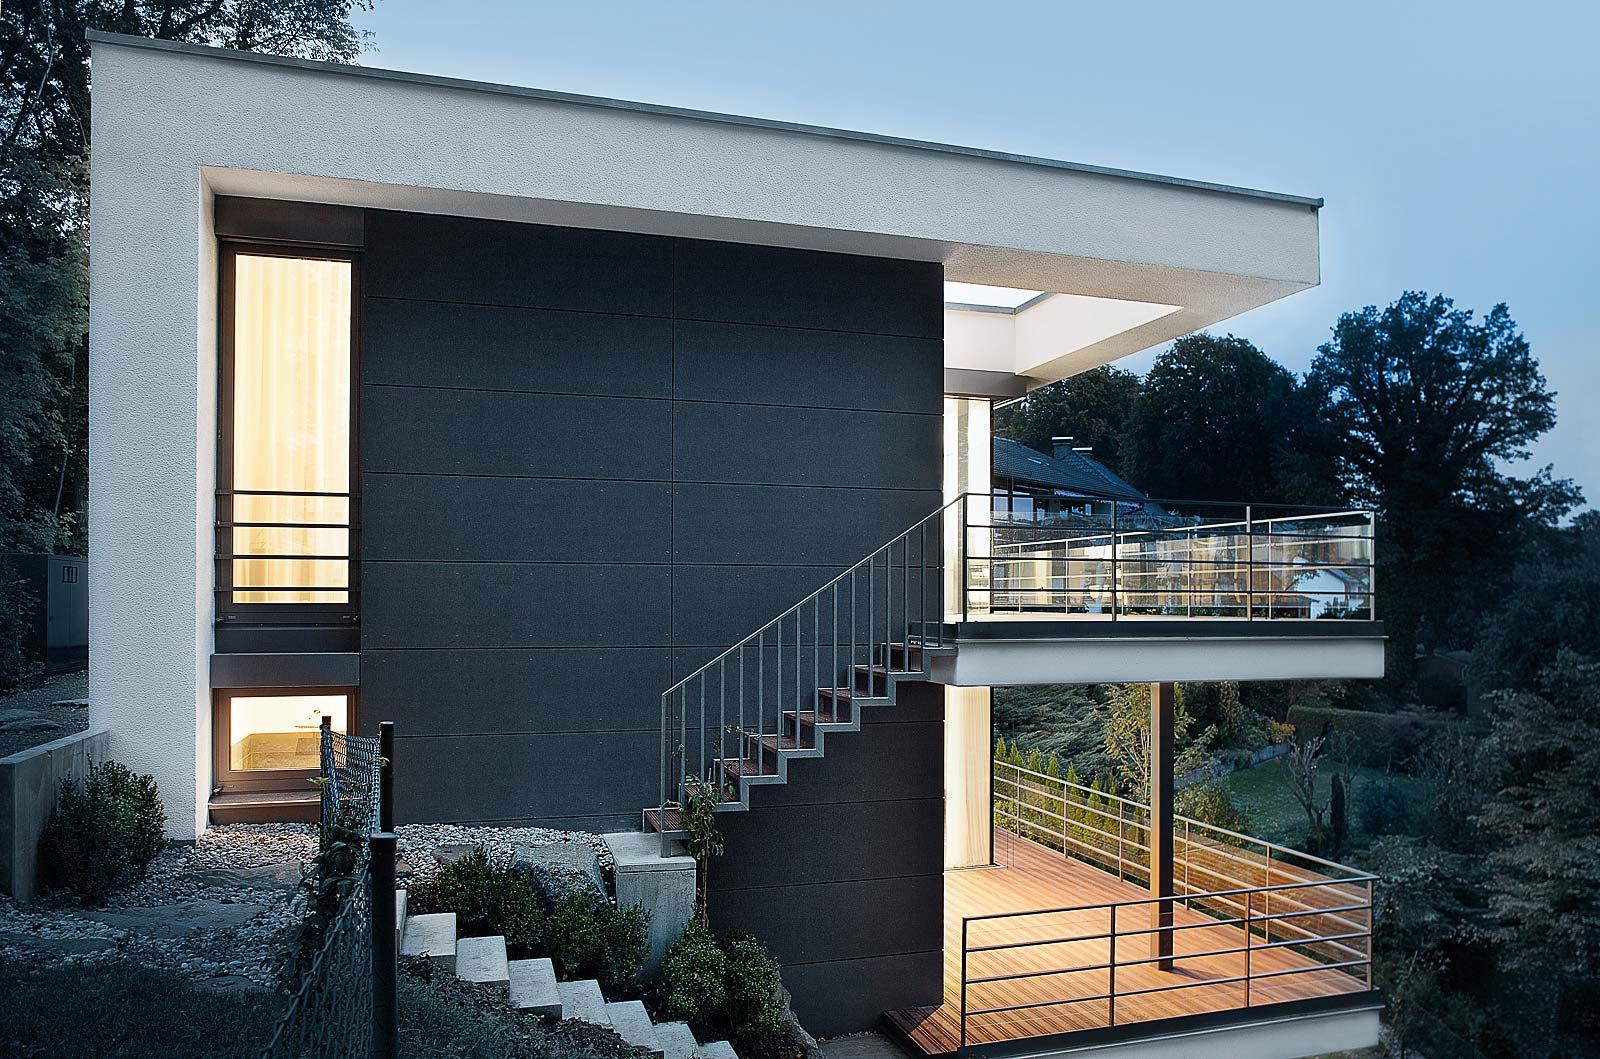 Kutschker&Leischner - Fotos Einfamilienhaus, Architekturfotografie aus München, Foto Abendstimmung Architektur